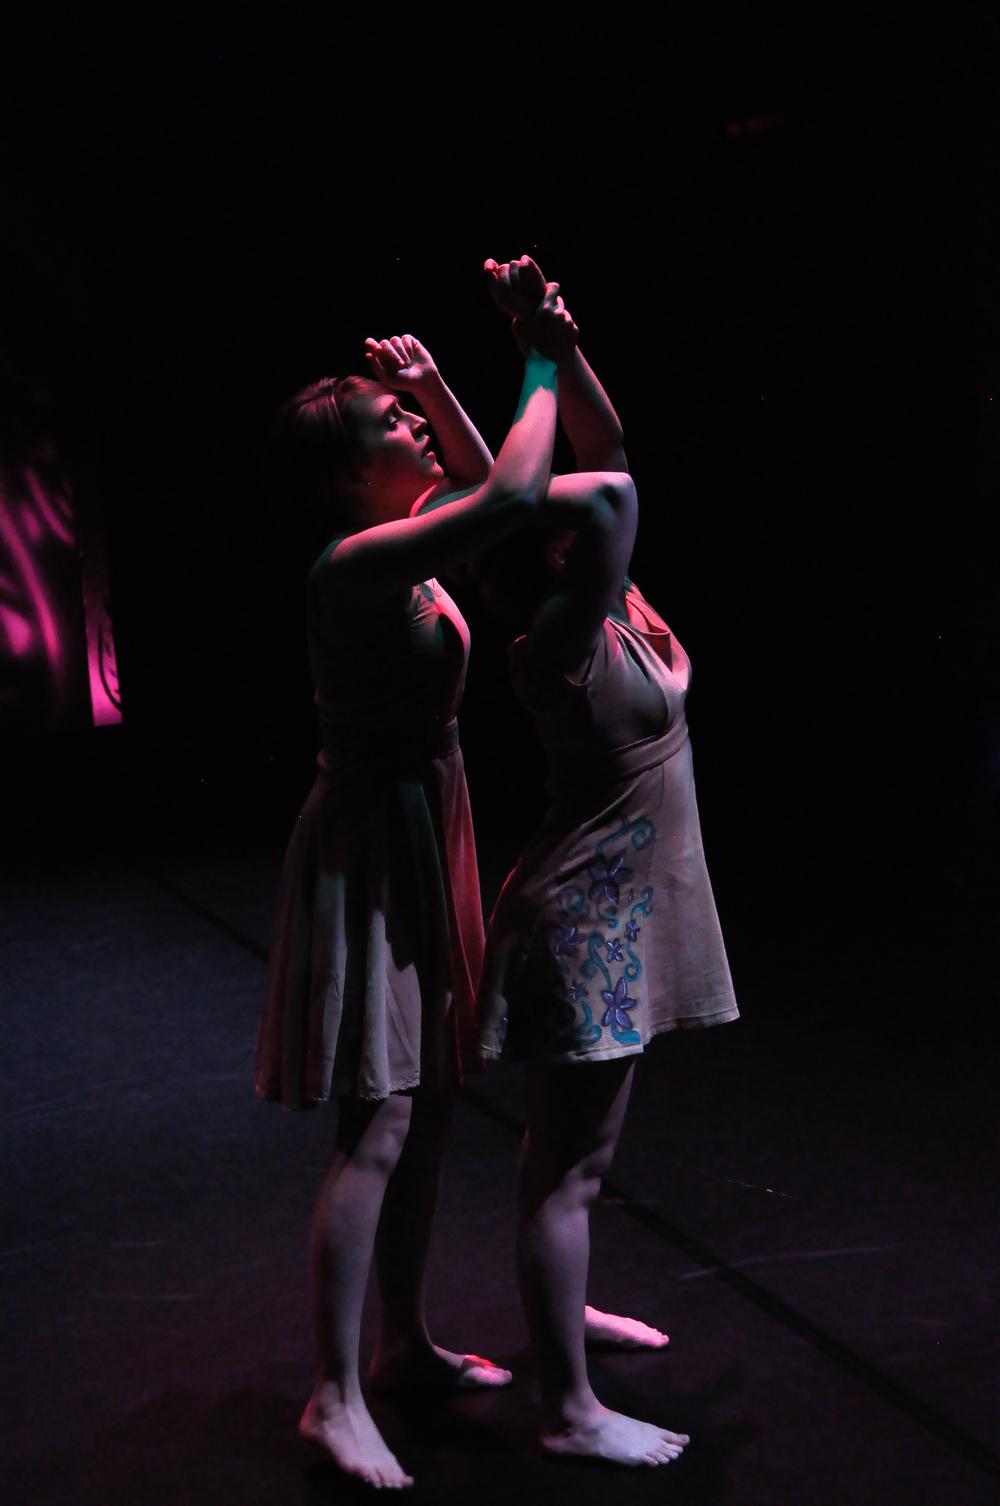 X Dance; Emerson College 2012